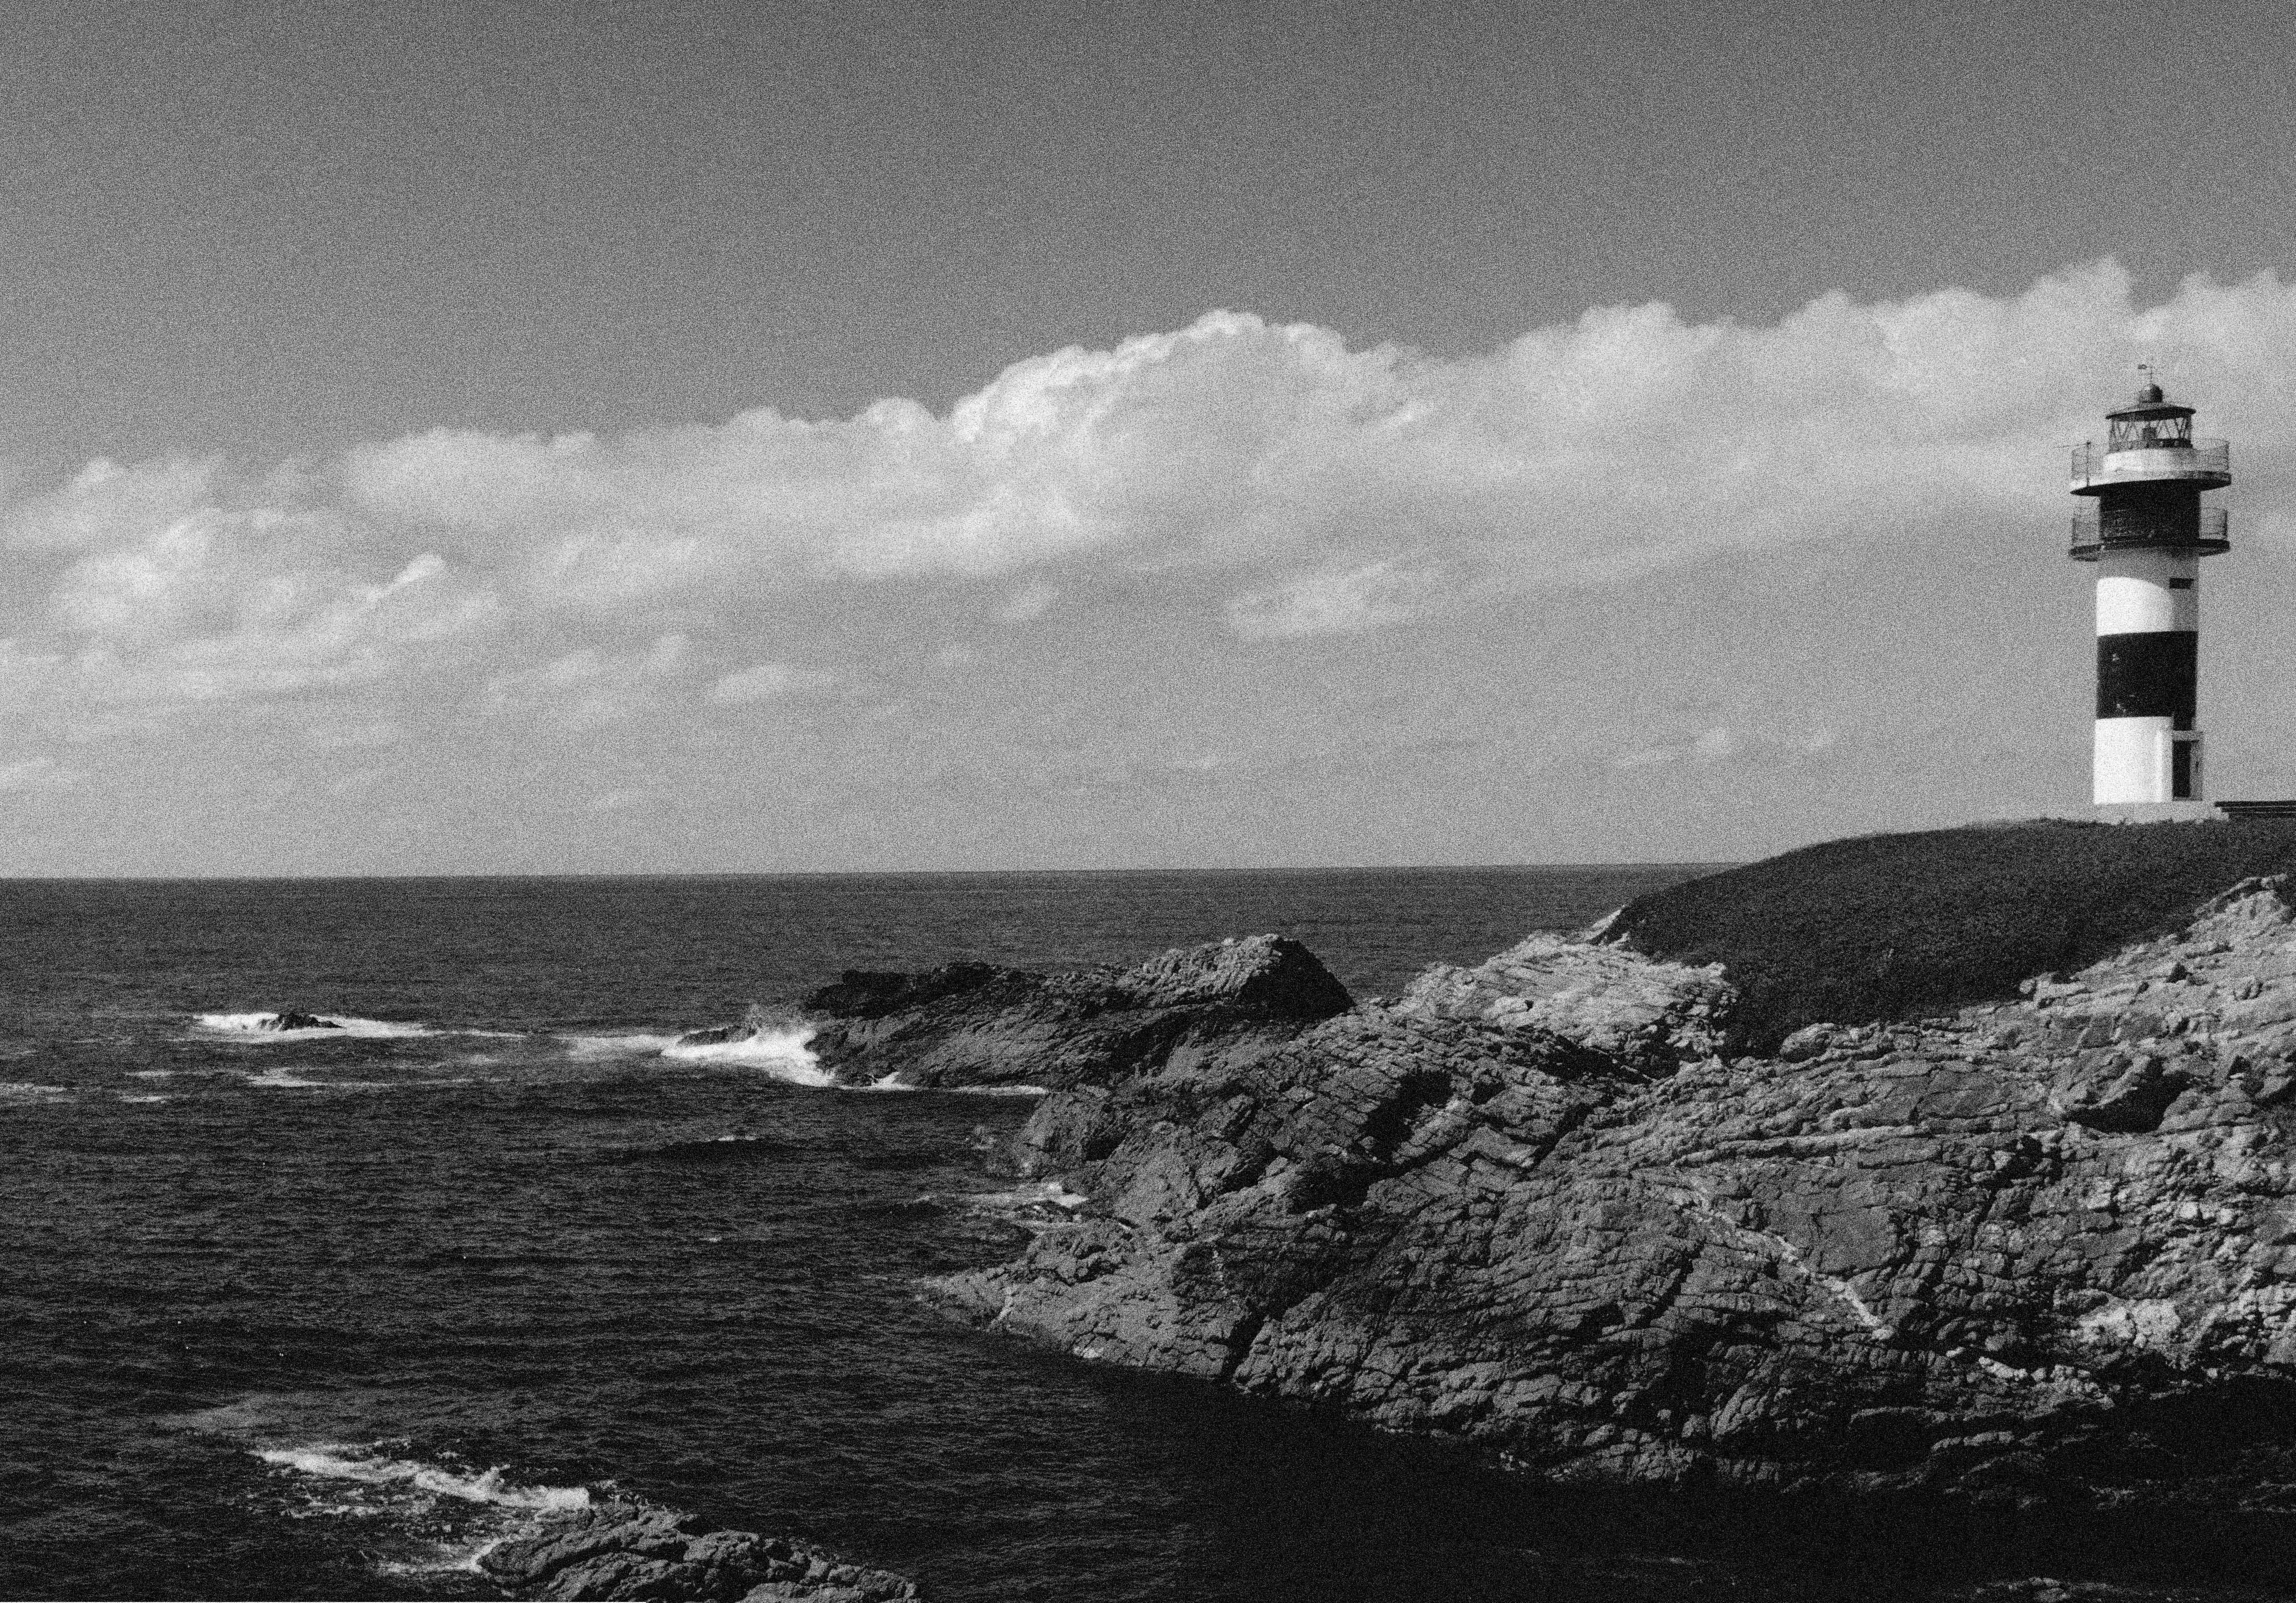 Fotos en Blanco y Negro - Página 2 Panorc3a1mica-faro-ribadeo-blanco-y-negro